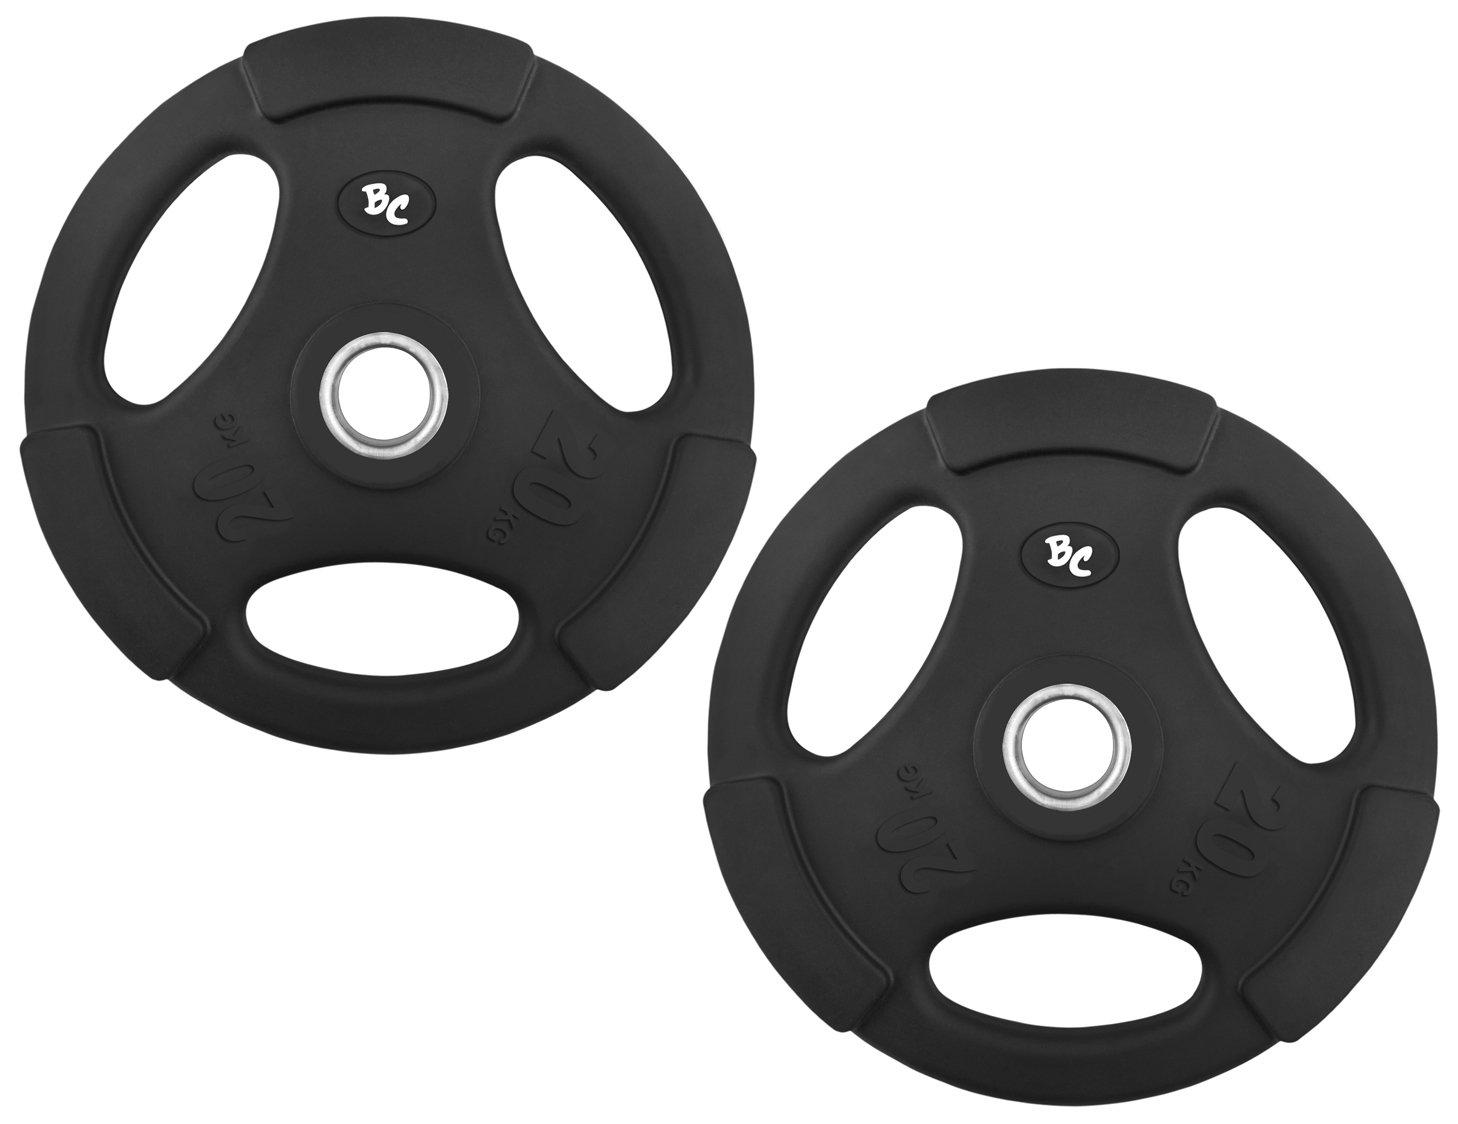 Gummi-Gripper 40,0Kg (2x20,0) Hantelscheiben Hantel Gewichte Hanteln 30 31mm